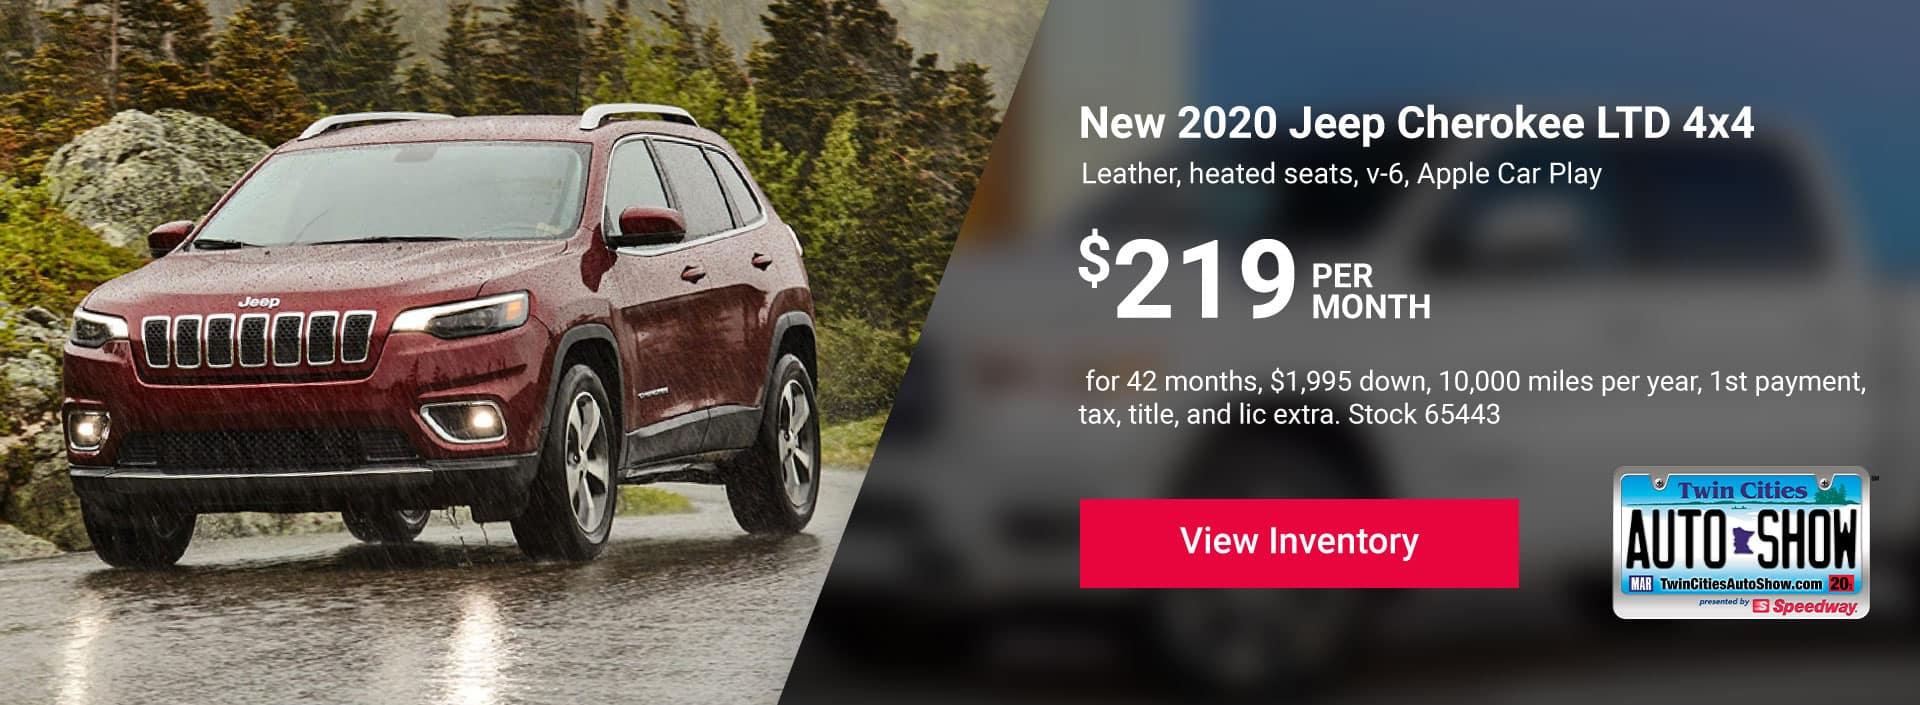 2020 Jeep Cherokee LTD 4x4